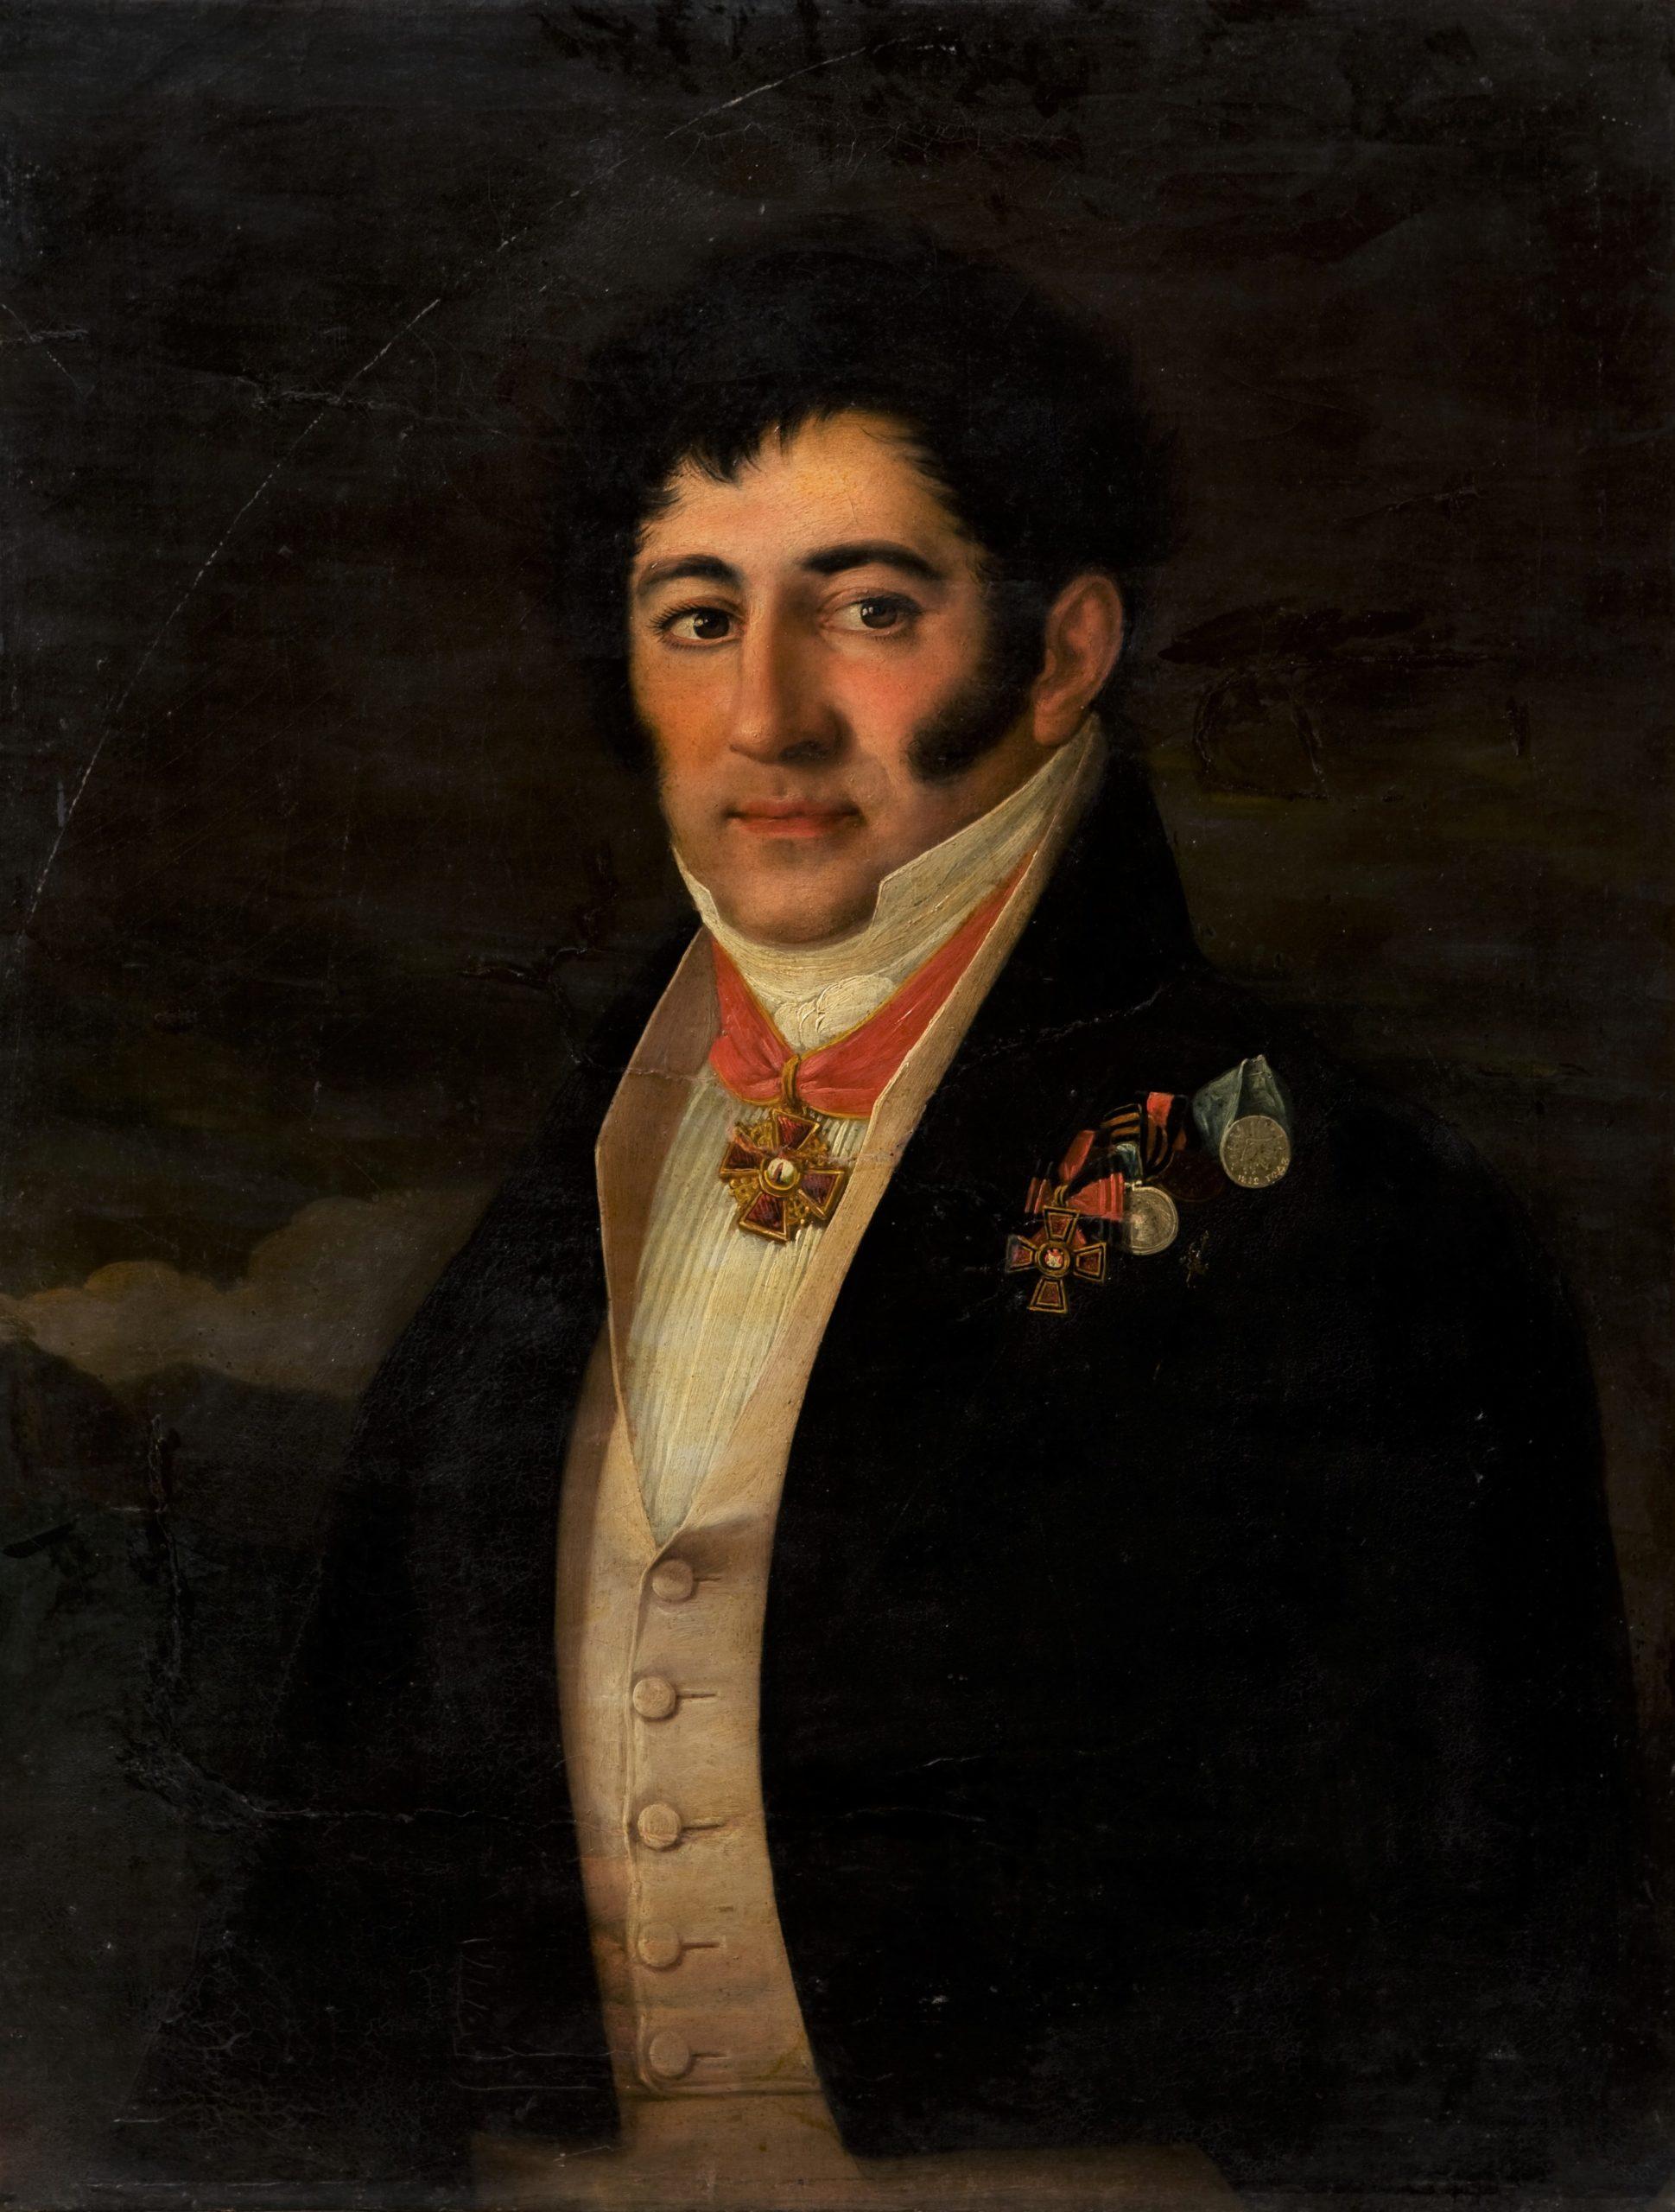 неизвестный художник. Портрет Струйского Евграфа Николаевича (около 1749-1841). 1820-1830-е гг.